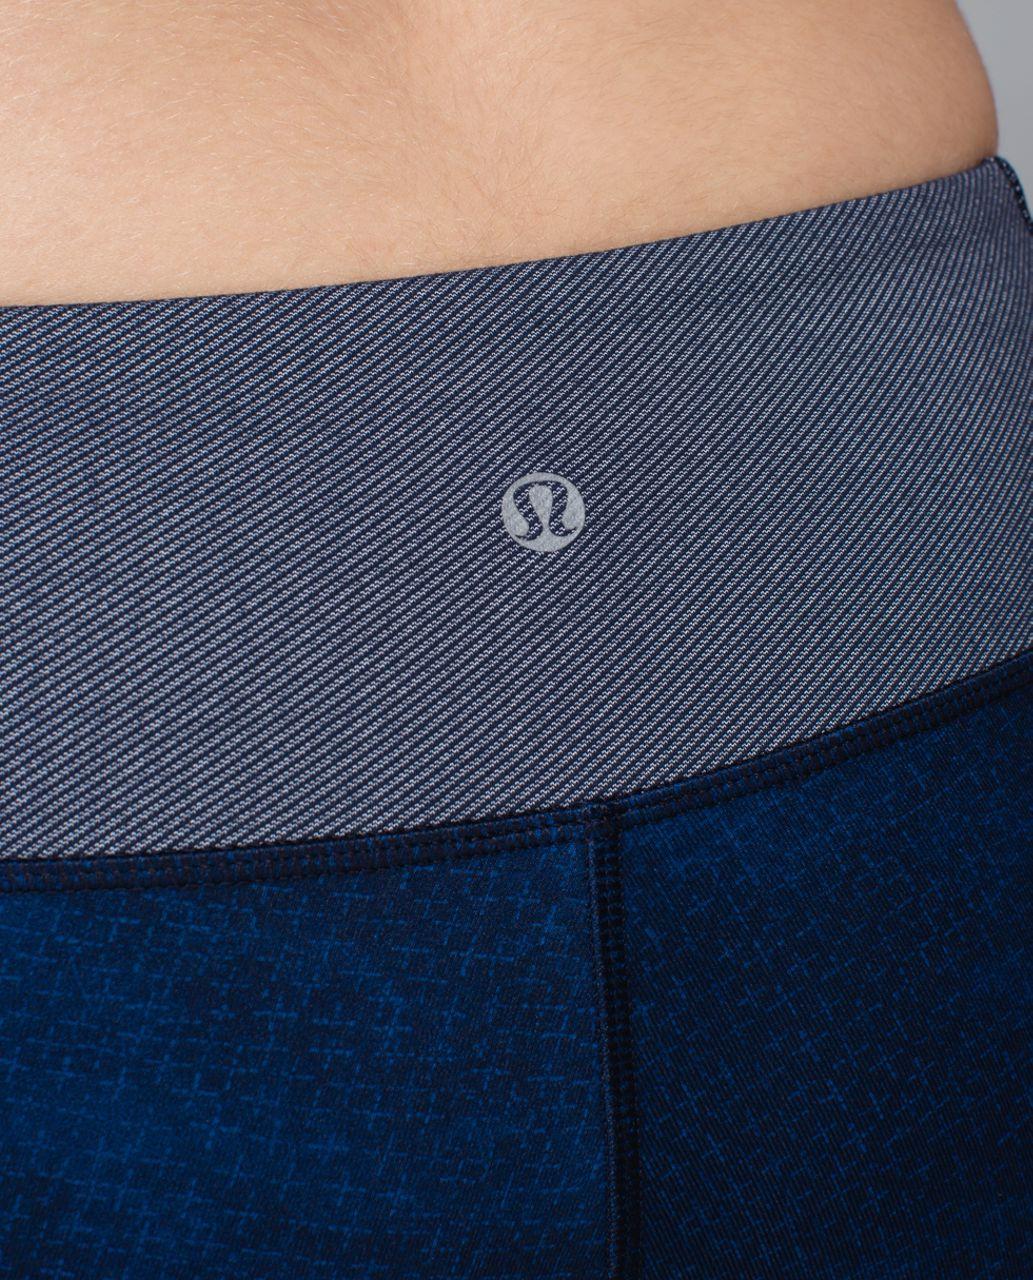 Lululemon Wunder Under Crop*Sashiko - Sashico Cross Inkwell Rugged Blue / Inkwell / Diamond Dot Inkwell Black